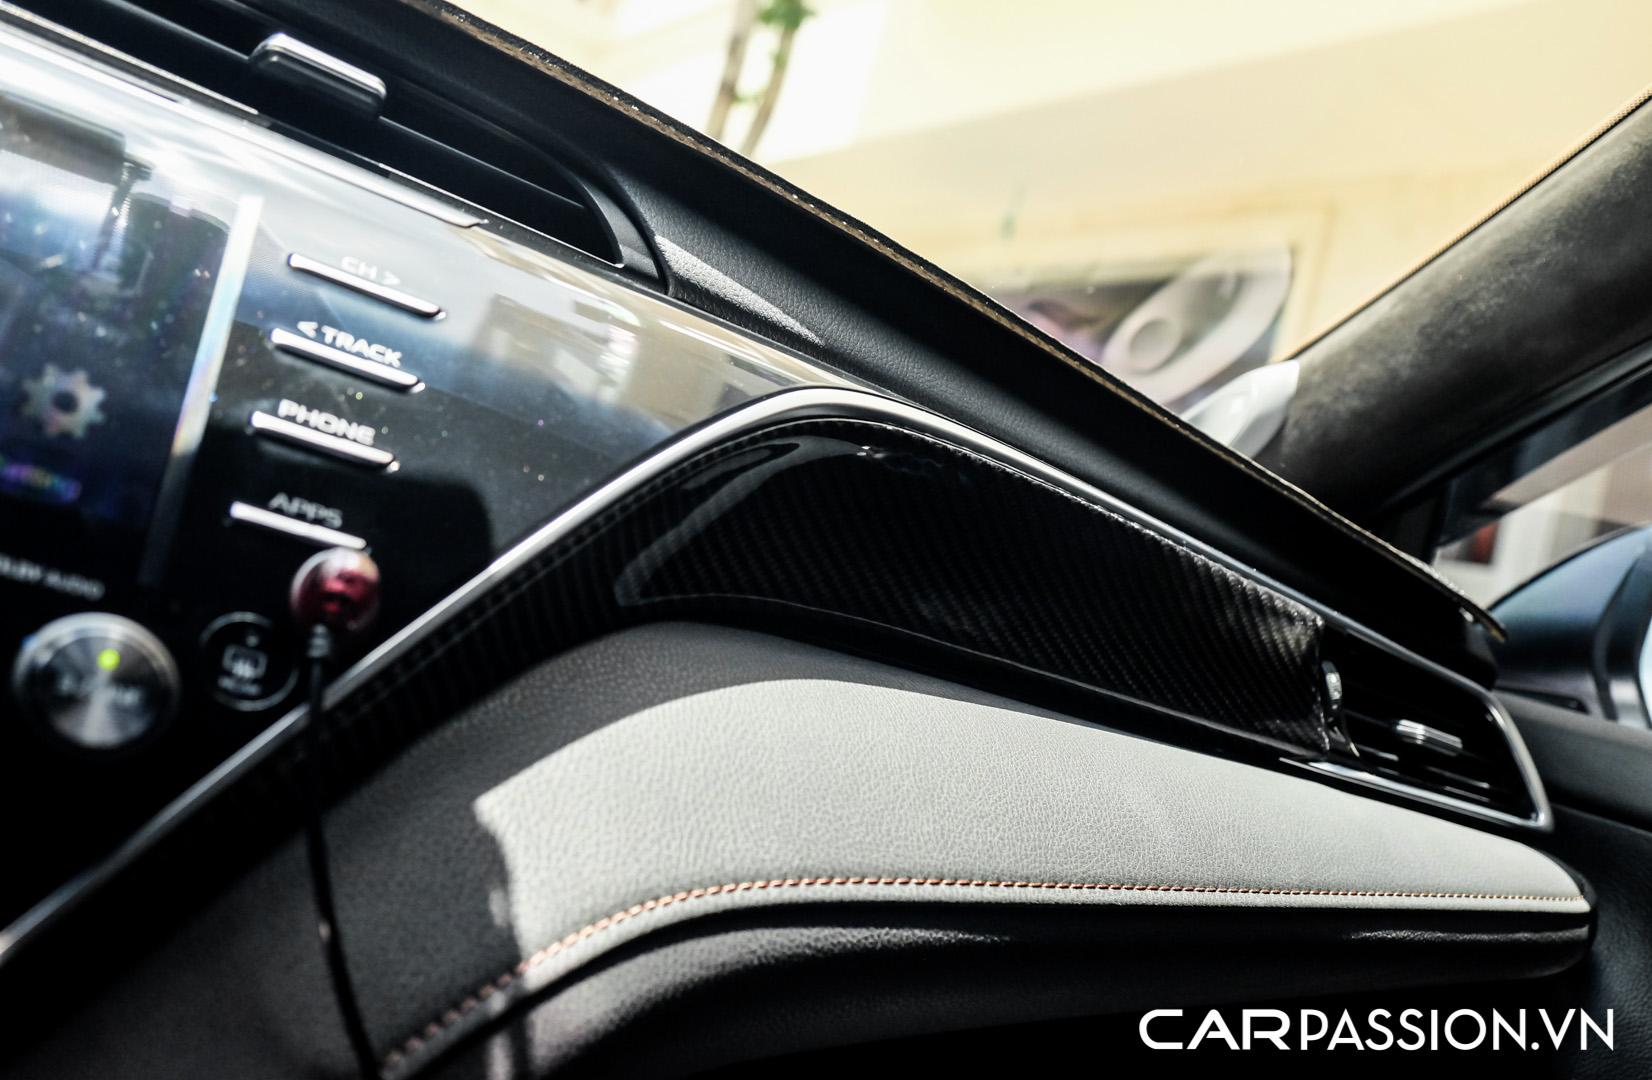 CP-Toyota Camry độ (67).jpg